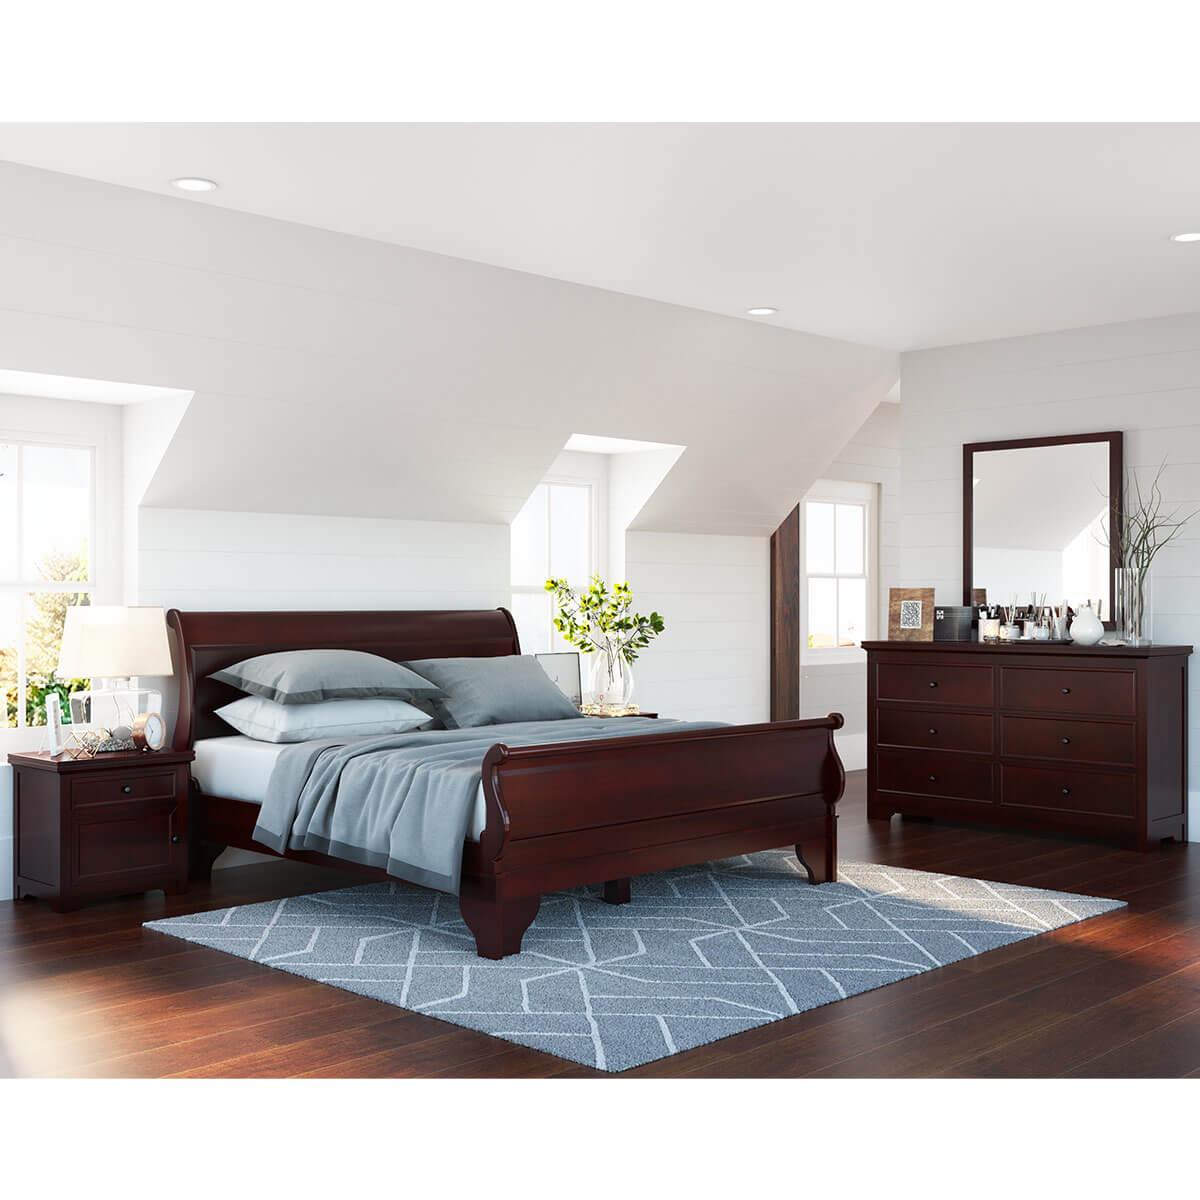 Carina Contemporary Mahogany Wood 4 Piece Bedroom Set